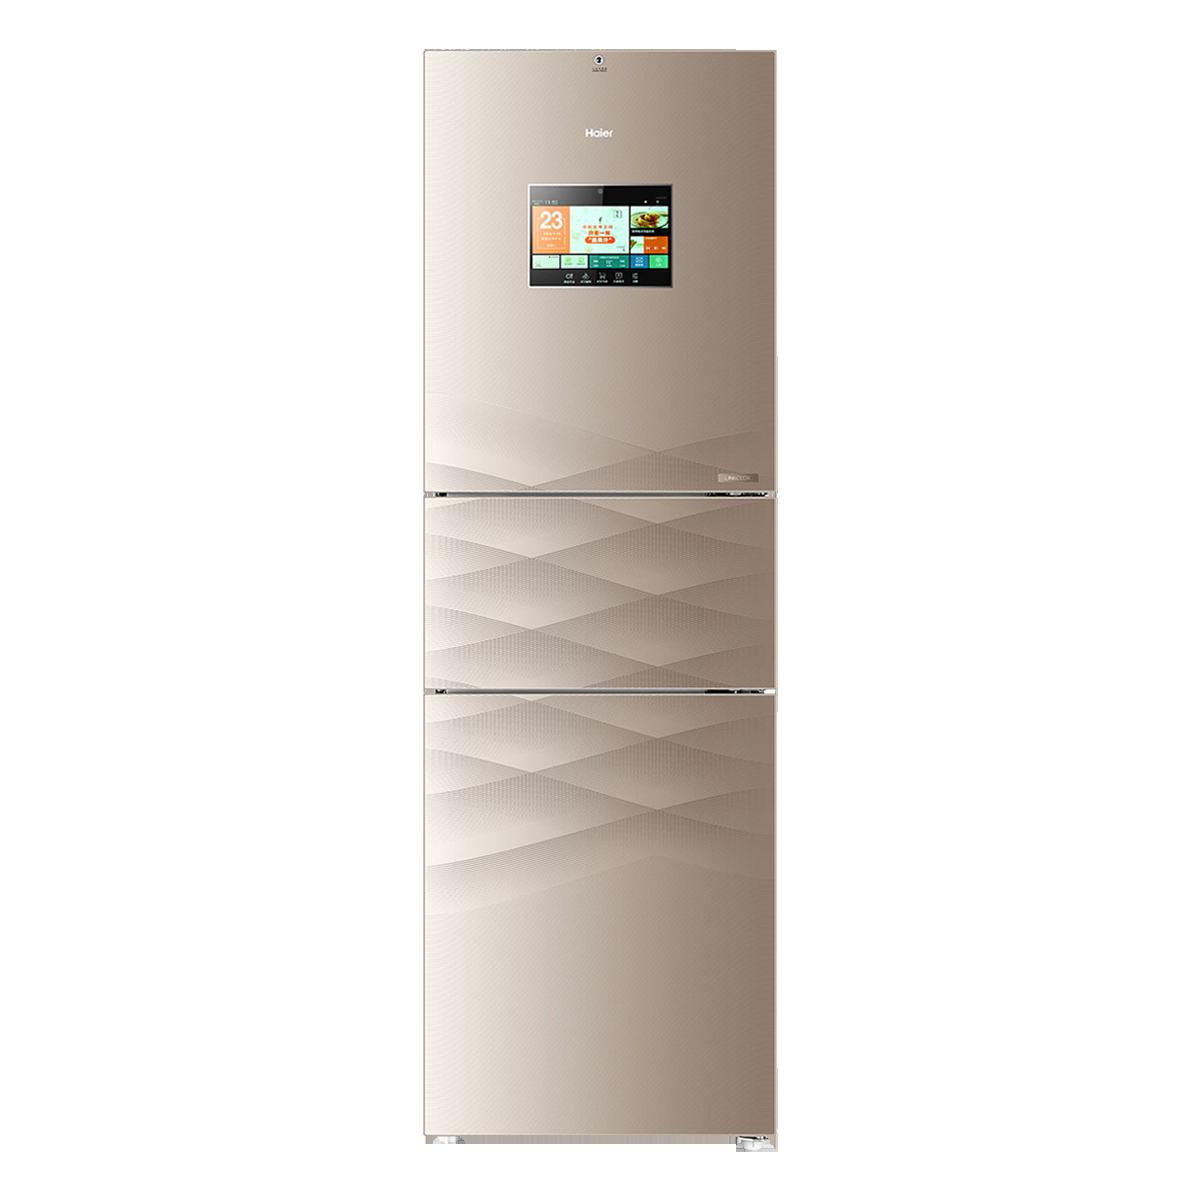 海尔Haier冰箱 BCD-256WDICU1 说明书